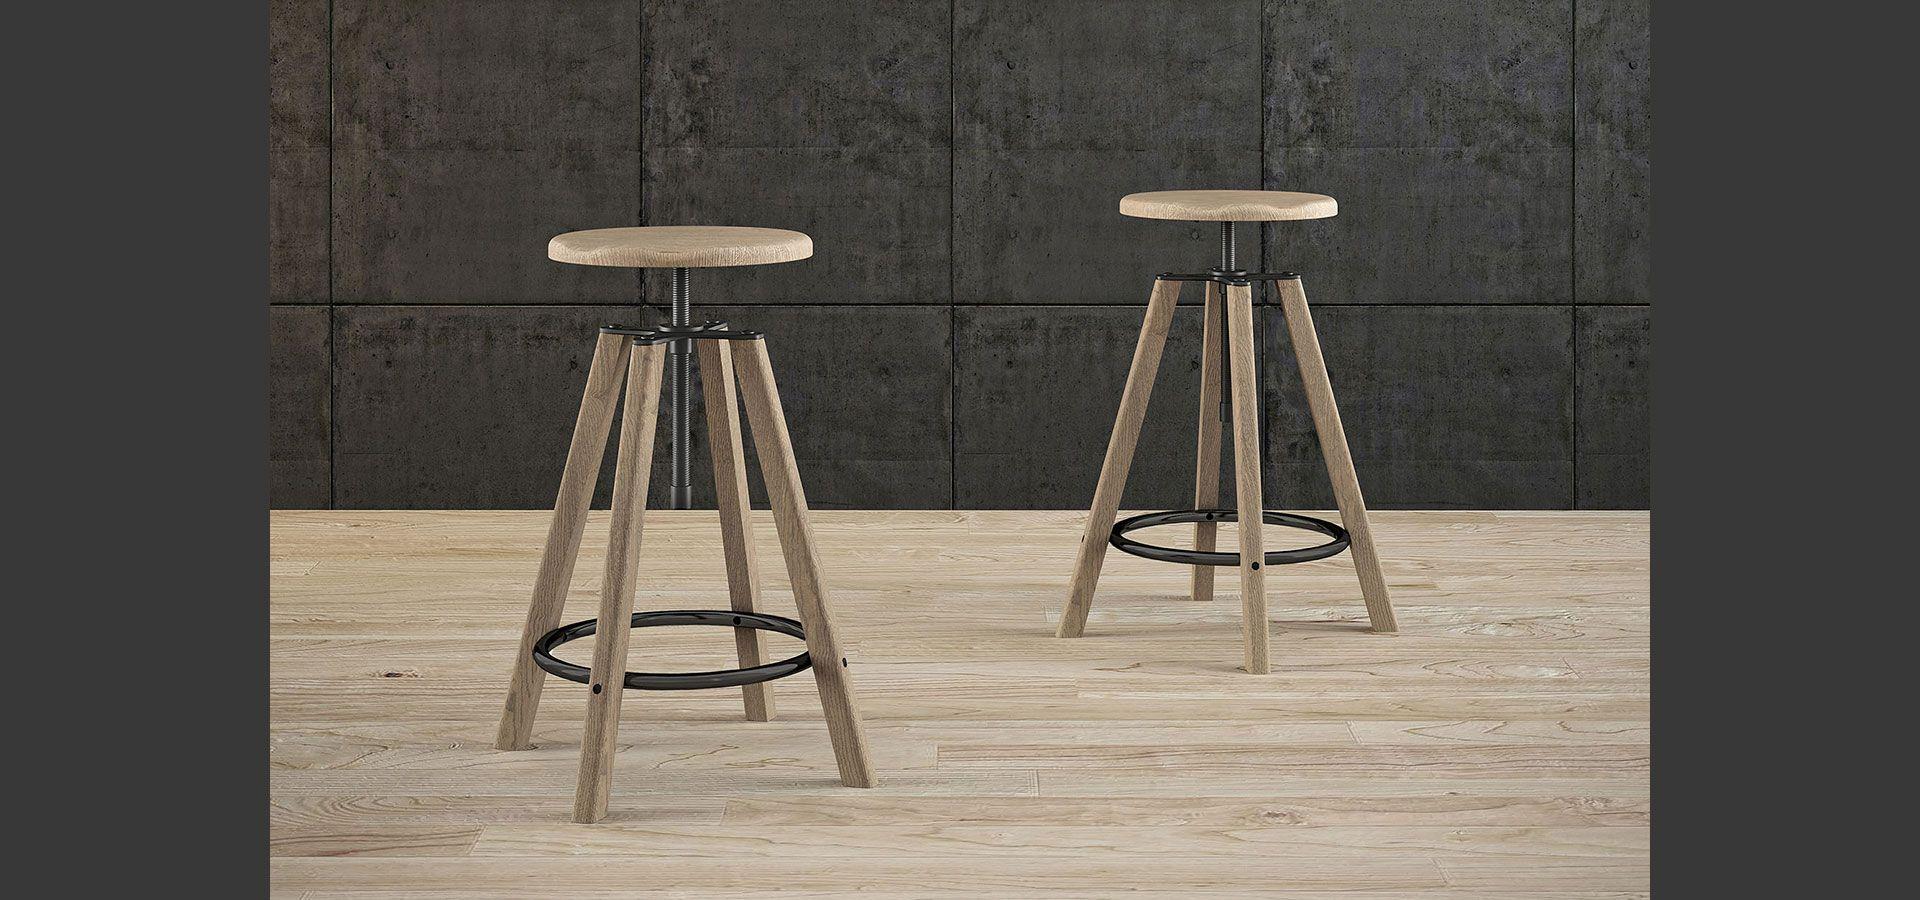 hugo sgabello con struttura e seduta in legno anello poggiapiedi in metallo semilucido grigio http